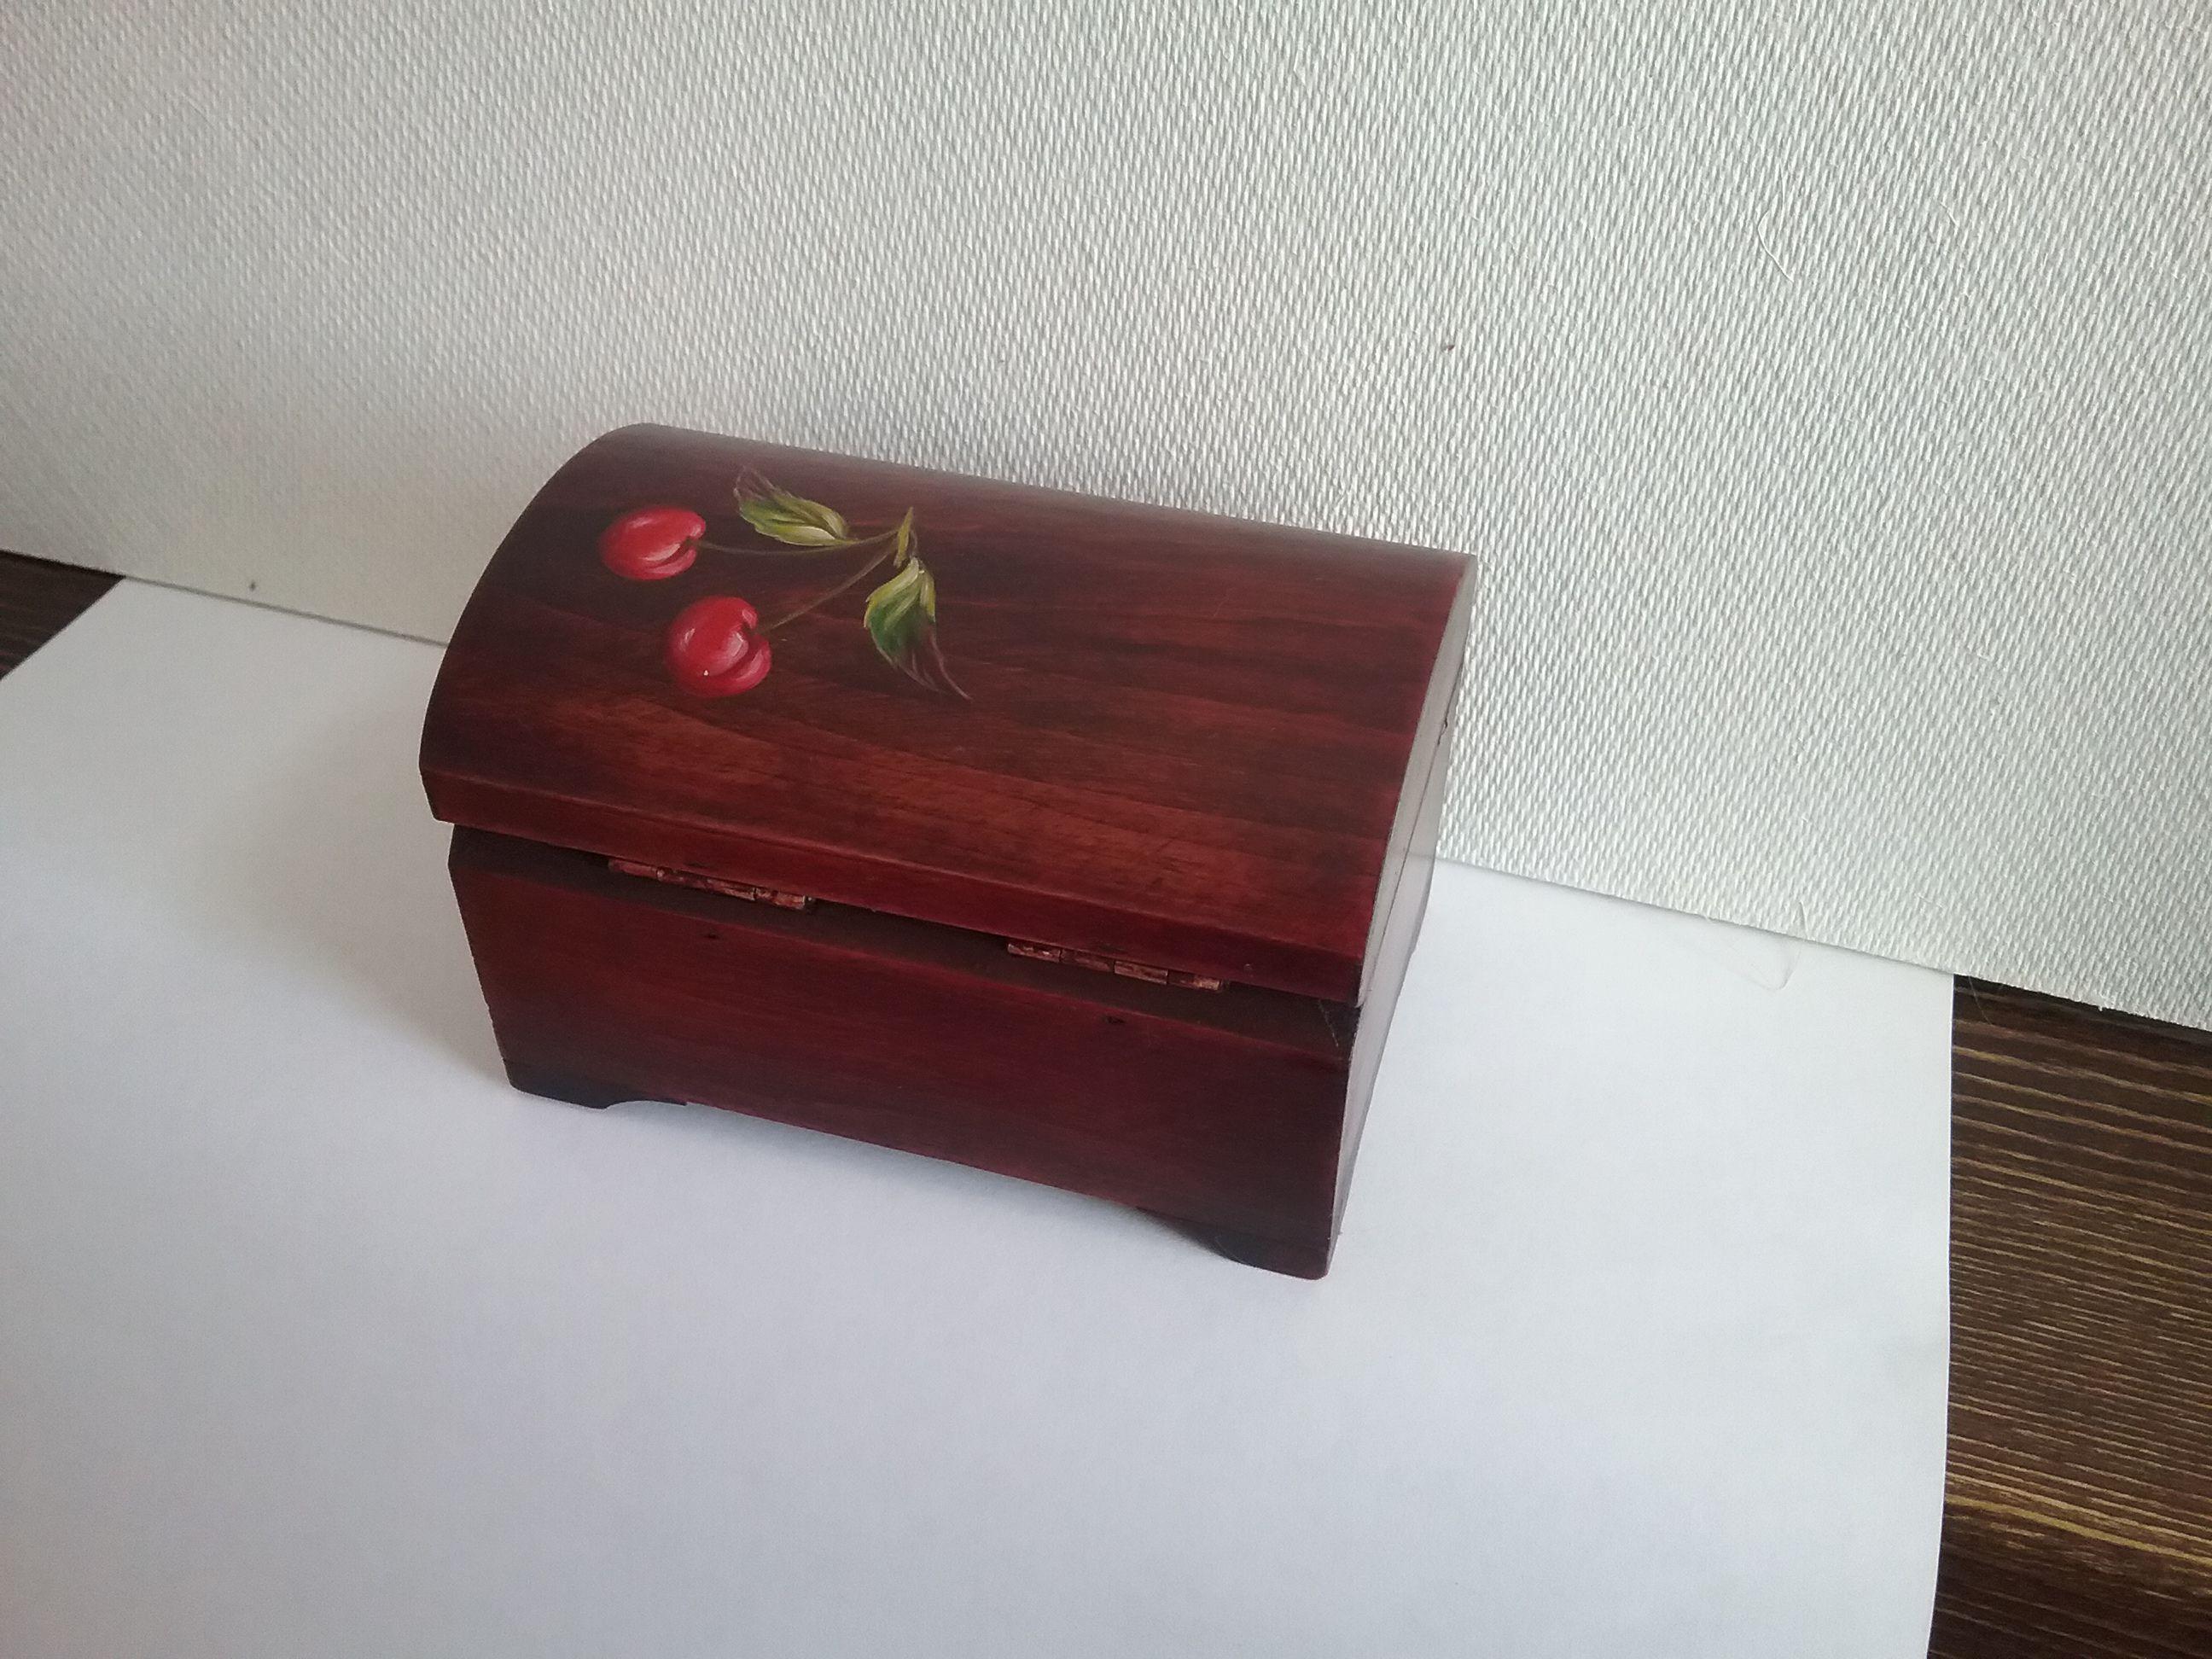 подарок флешки шкатулка роспись деревянная дерево